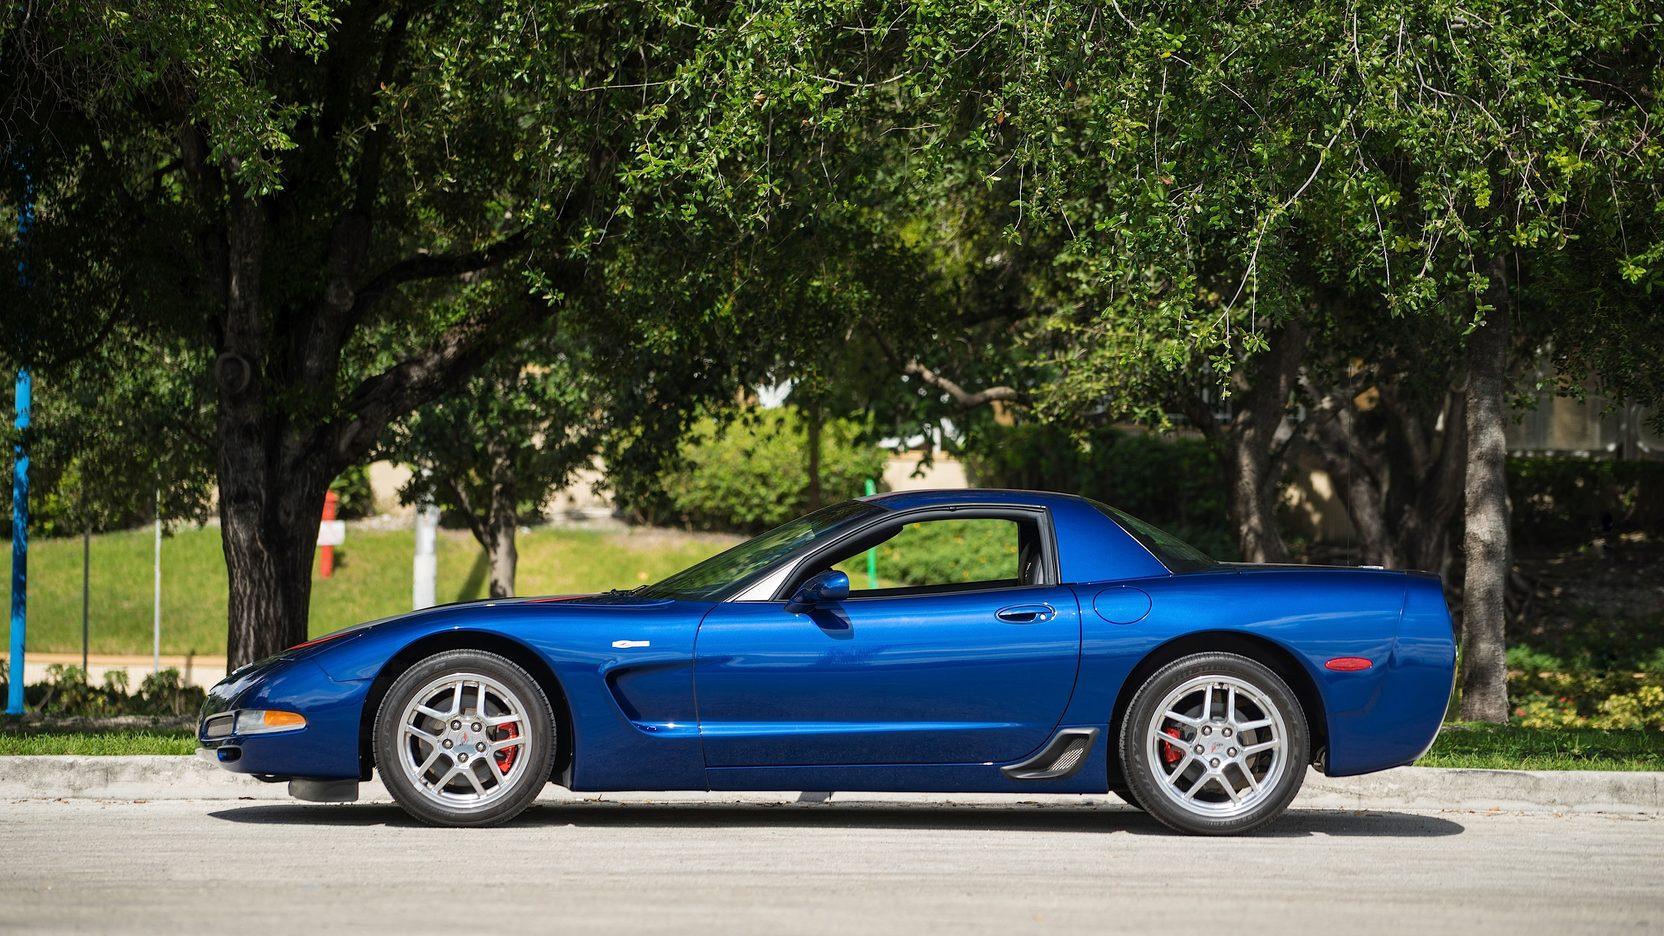 2004 Chevrolet Corvette Z06 Commemorative Edition profile